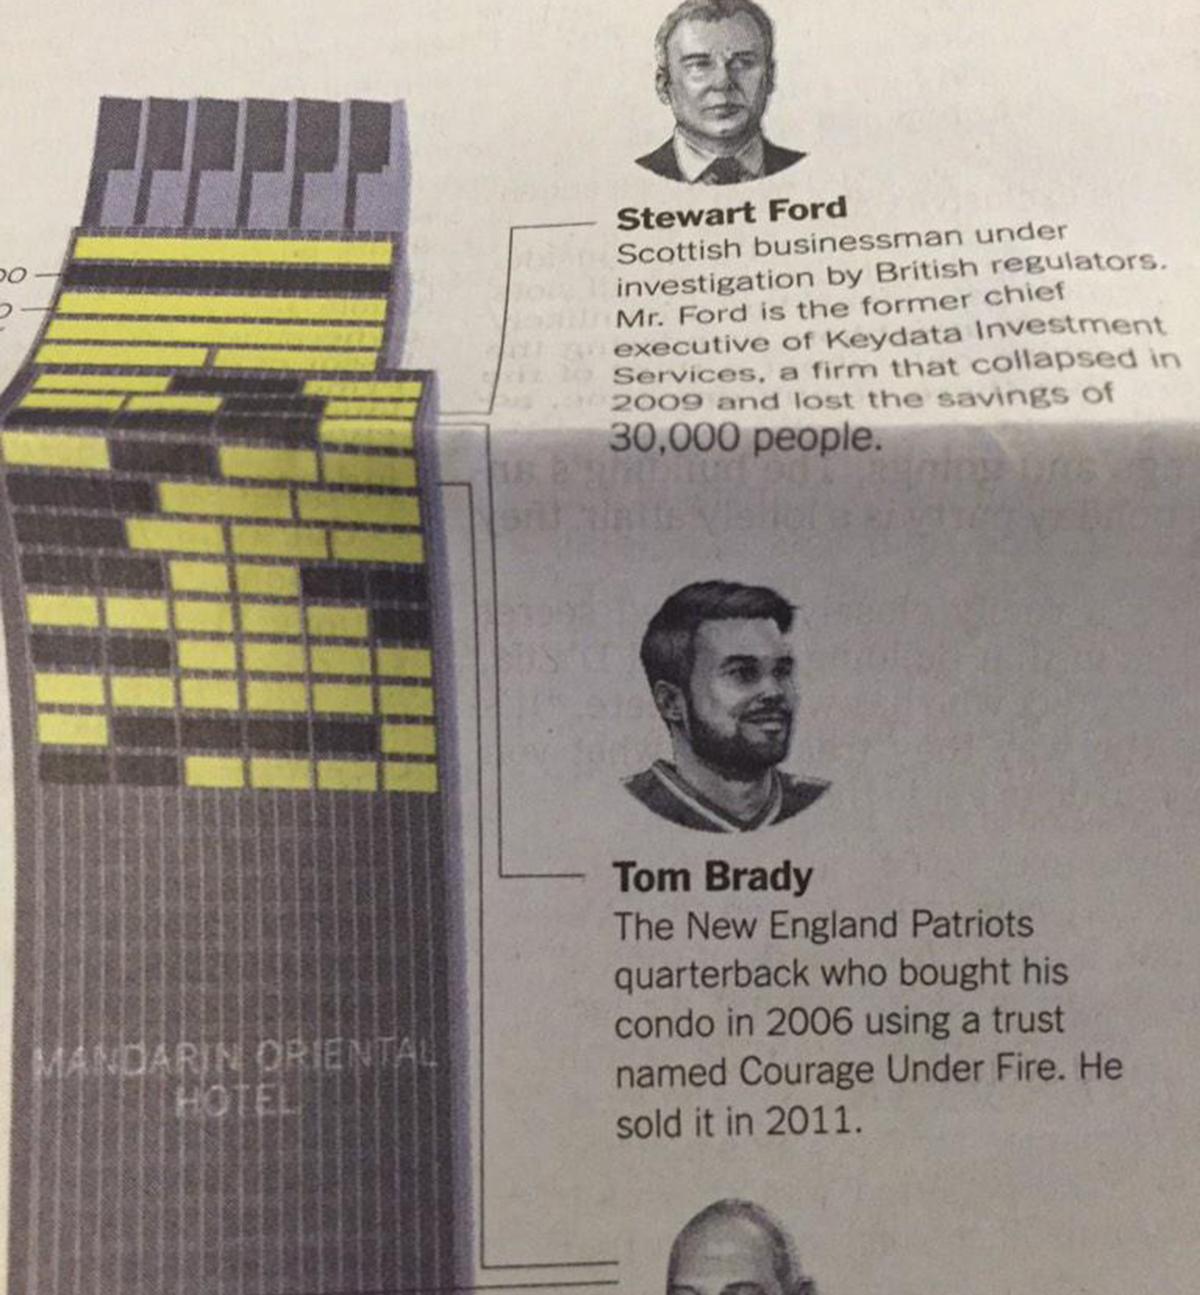 tom brady NYT